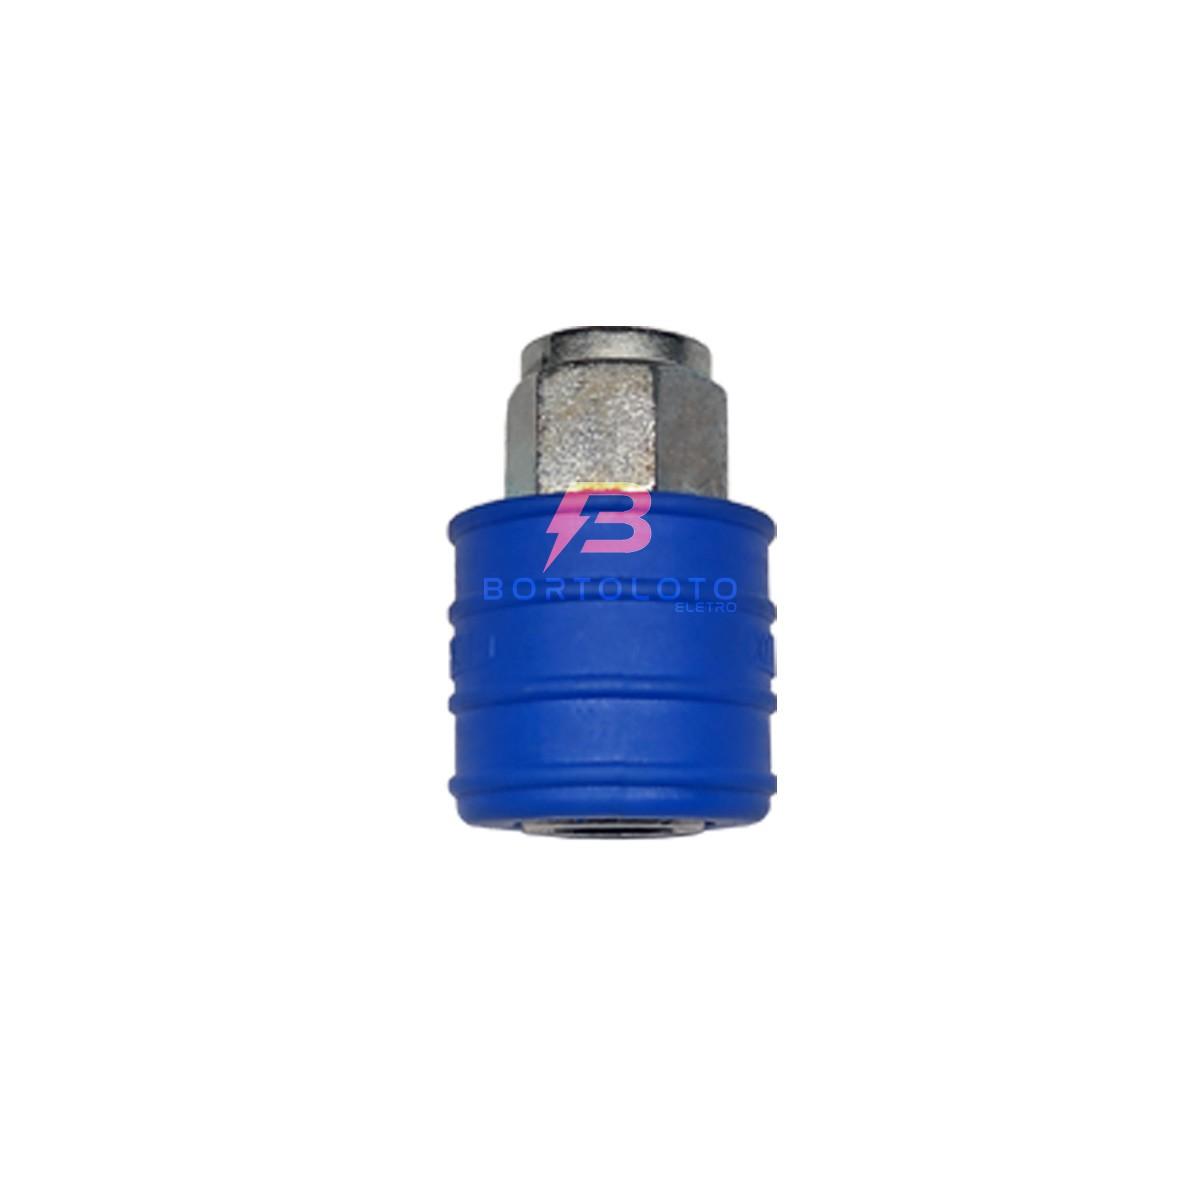 Engate Rapido ¼ Para Compressor Conector 6 Peças